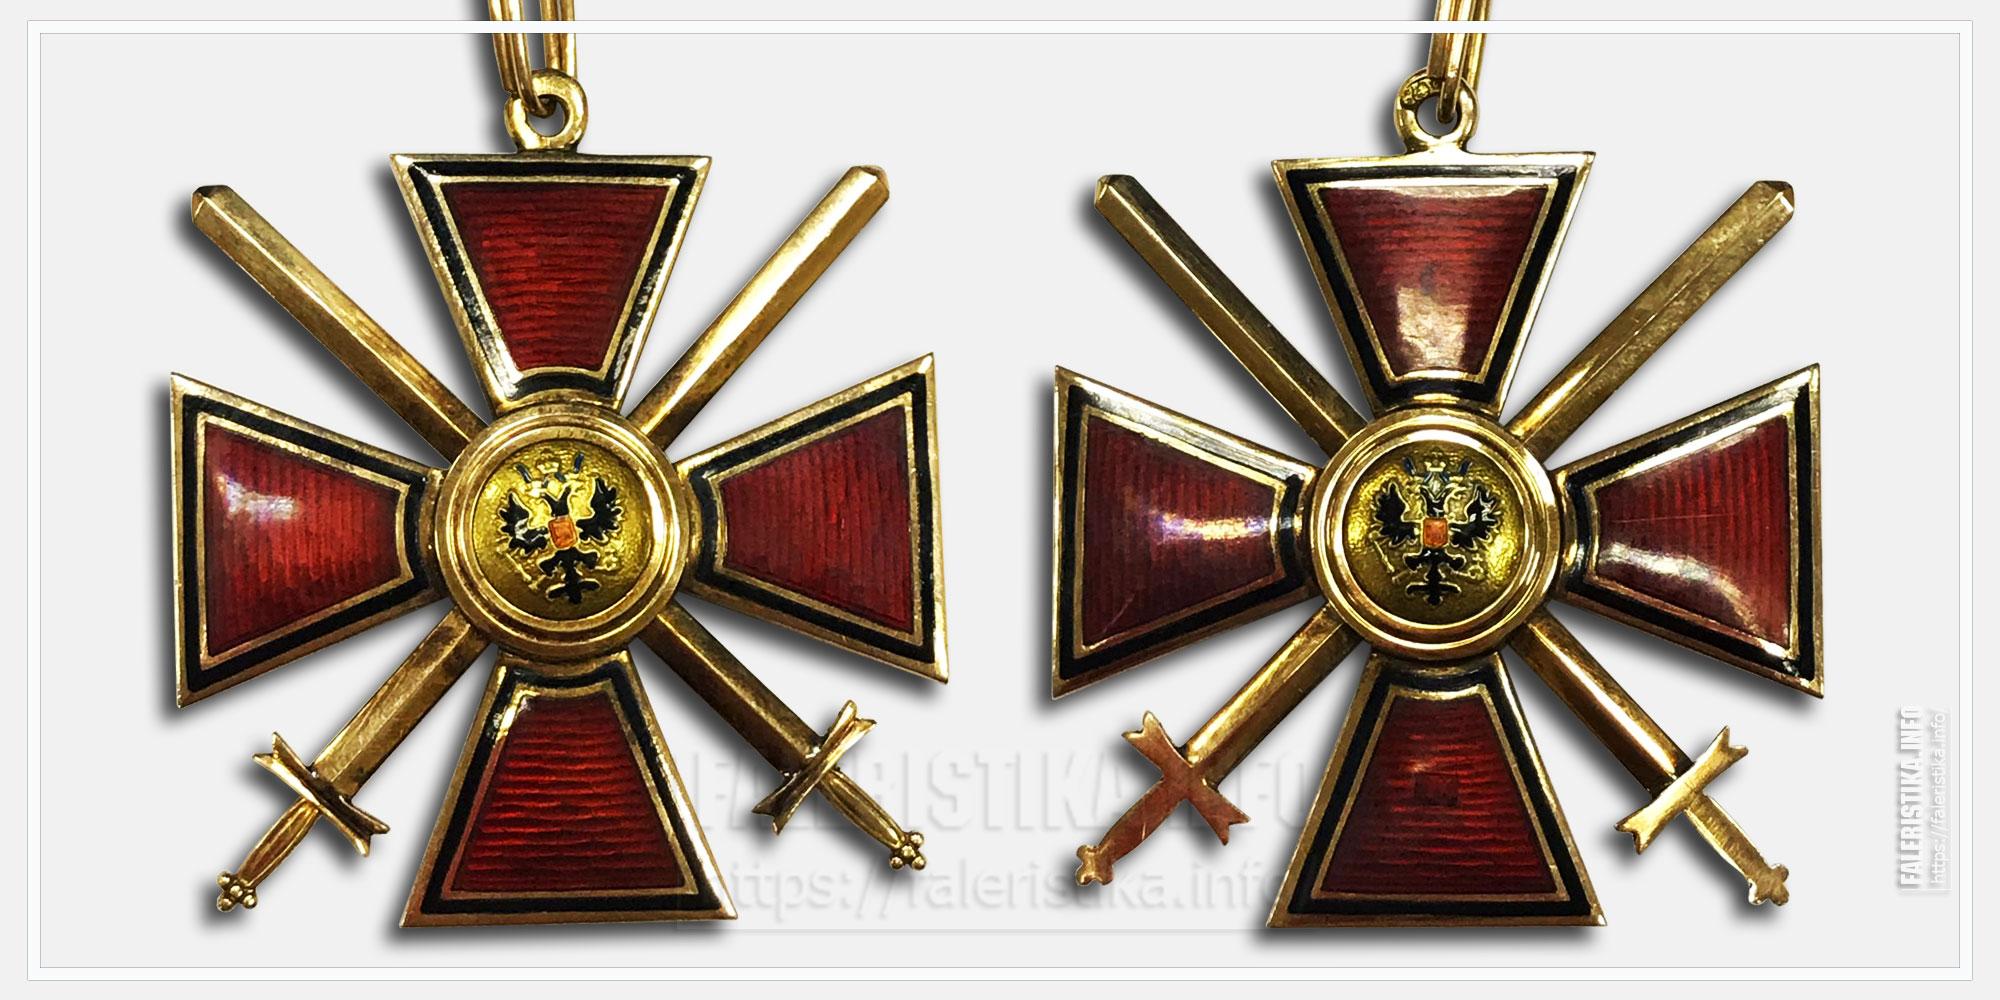 Знак ордена св. Владимира 3-й ст. с мечами для иноверцев